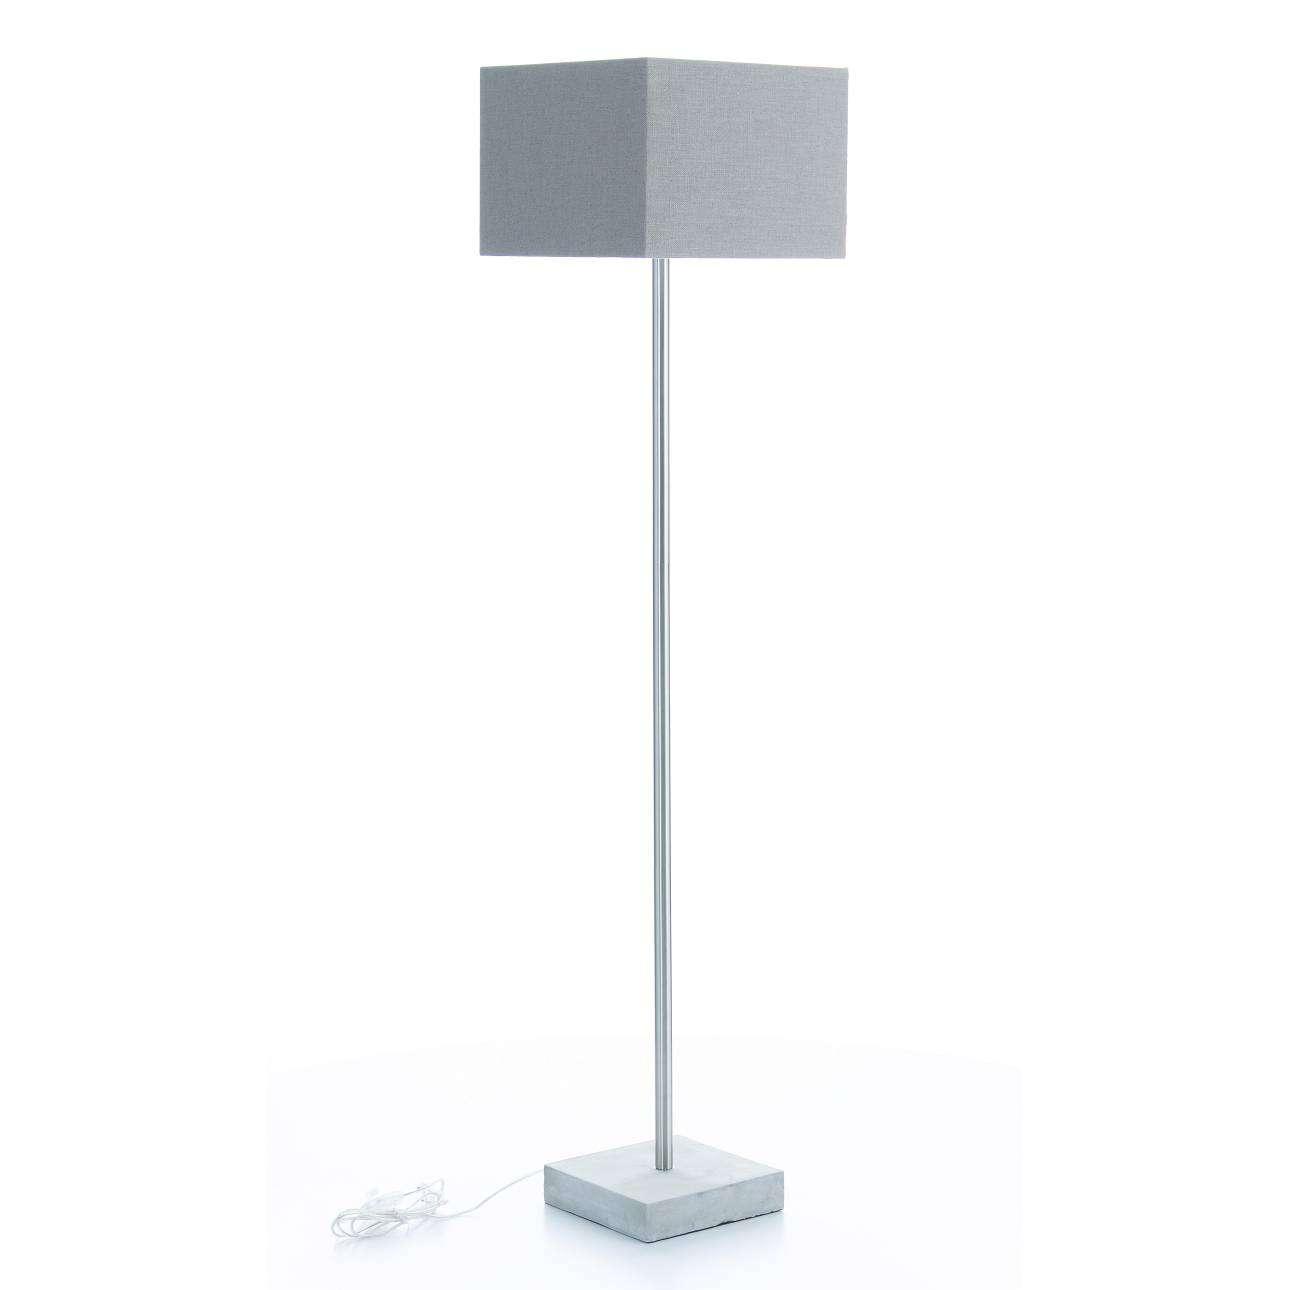 Lampy a svítidla podlahová